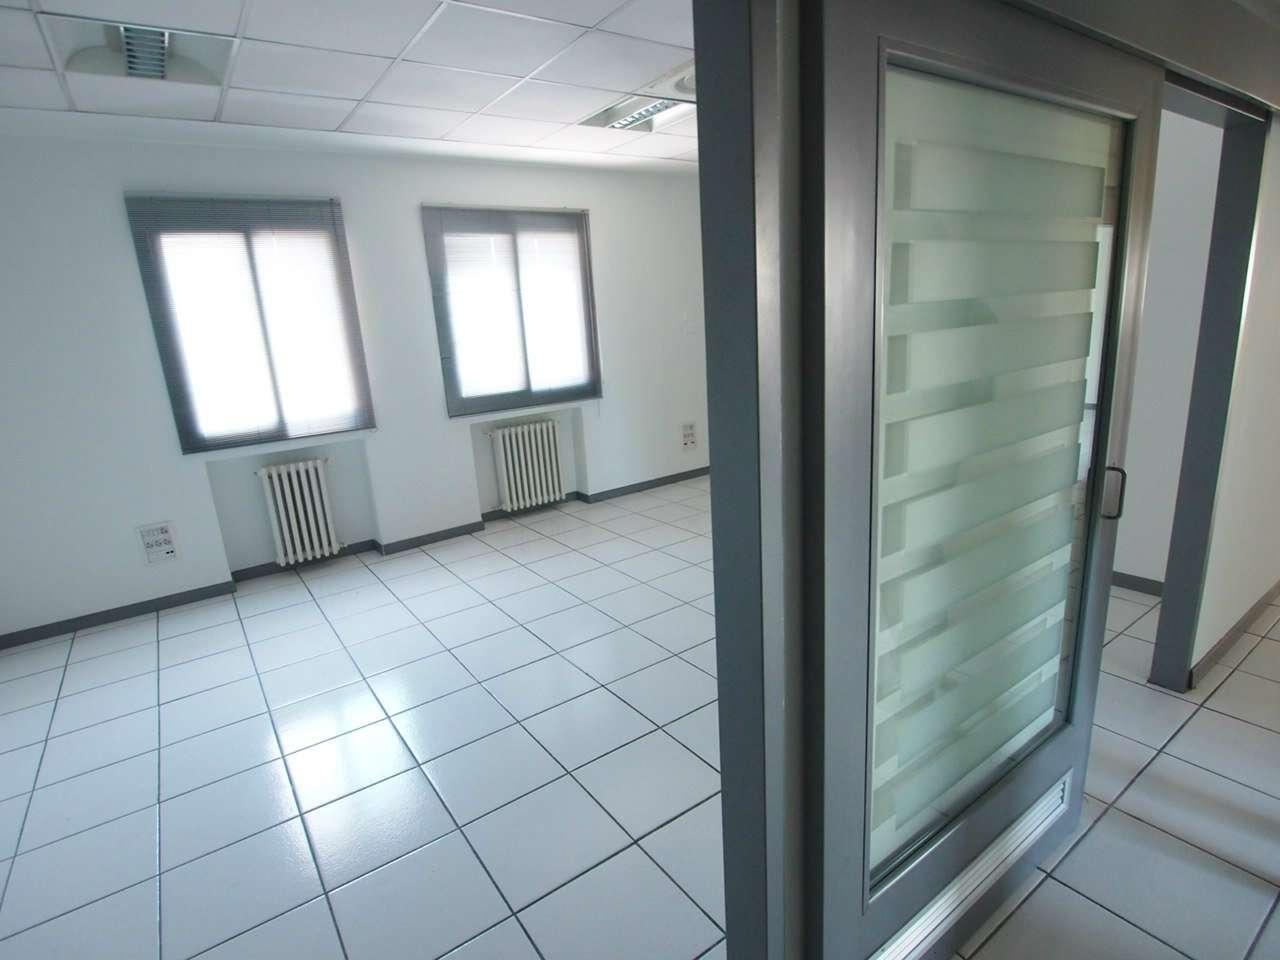 Ufficio / Studio in affitto a Verona, 9 locali, zona Zona: 10 . Borgo Roma - Ca' di David - Palazzina - Zai, prezzo € 4.000   CambioCasa.it